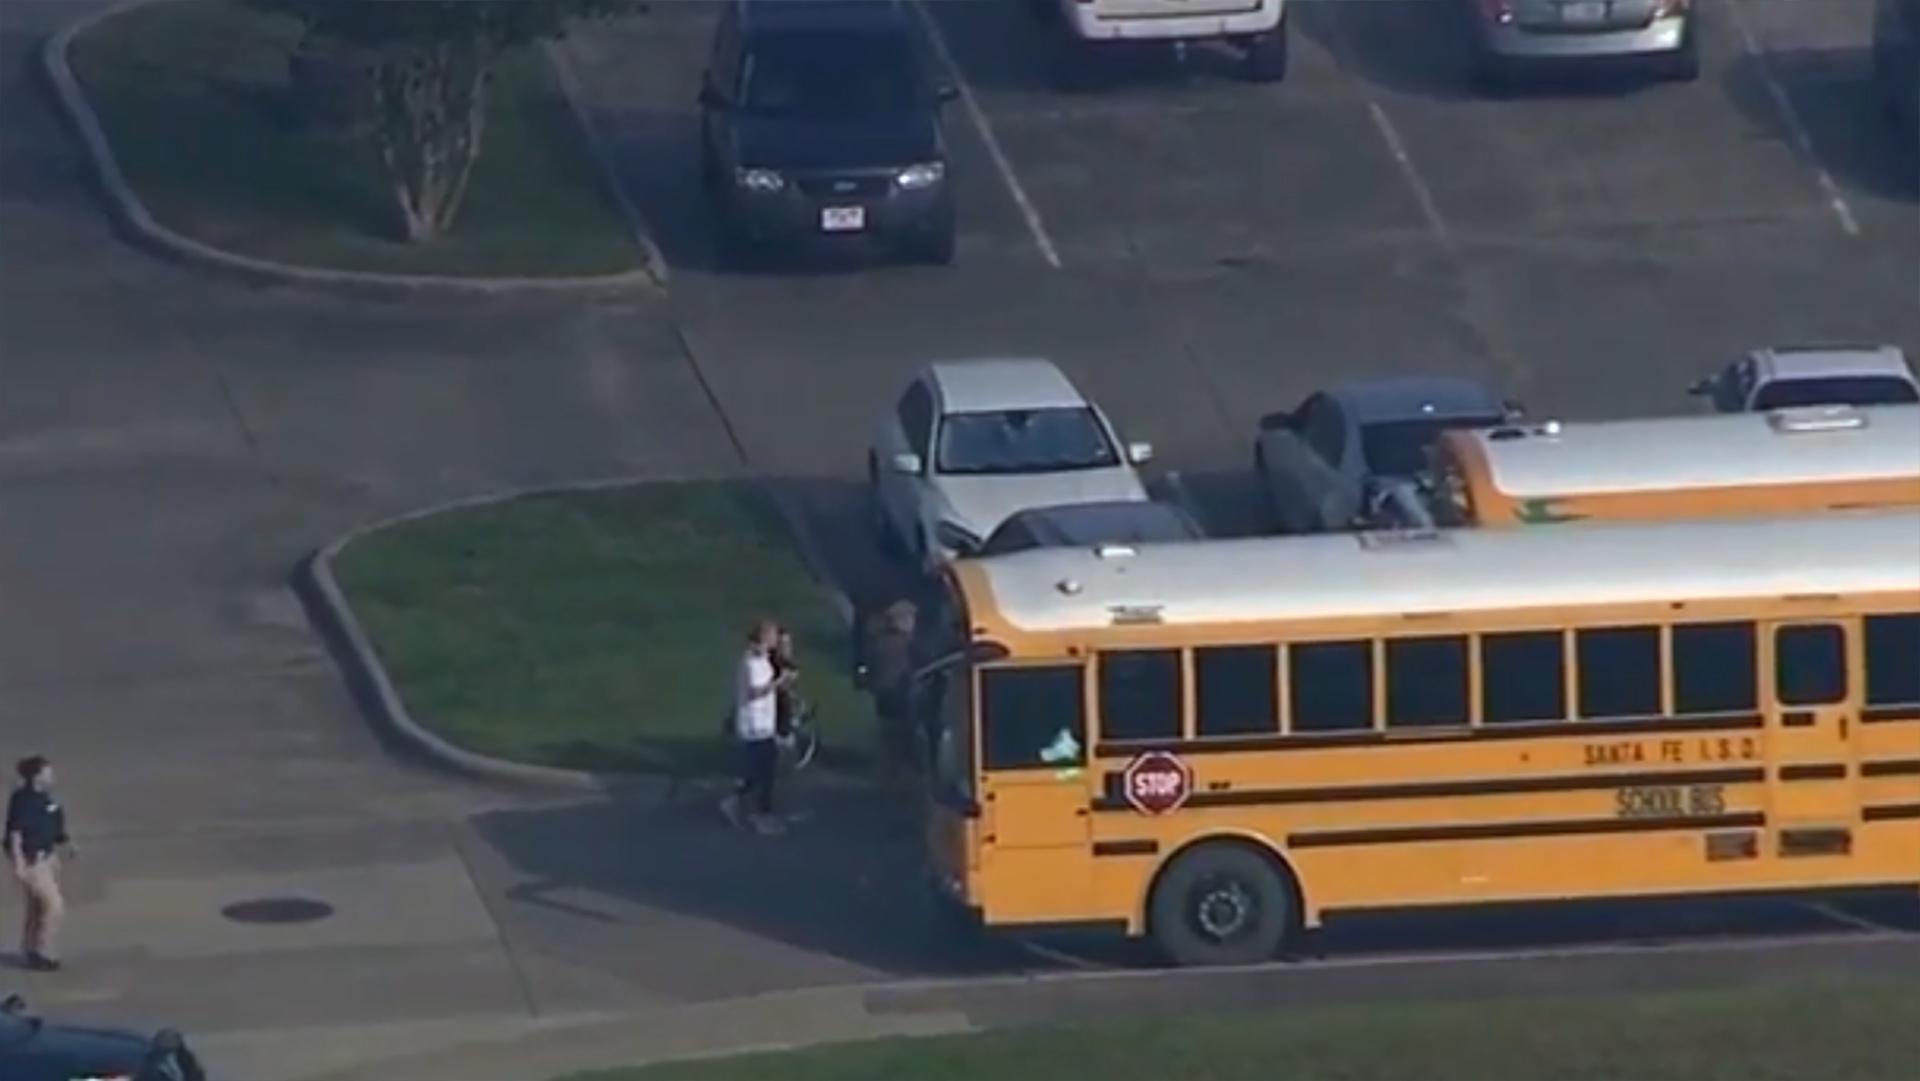 La Oficina del Sheriff del Condado de Galveston y otras agencias respondieron a la escena de forma inmediata